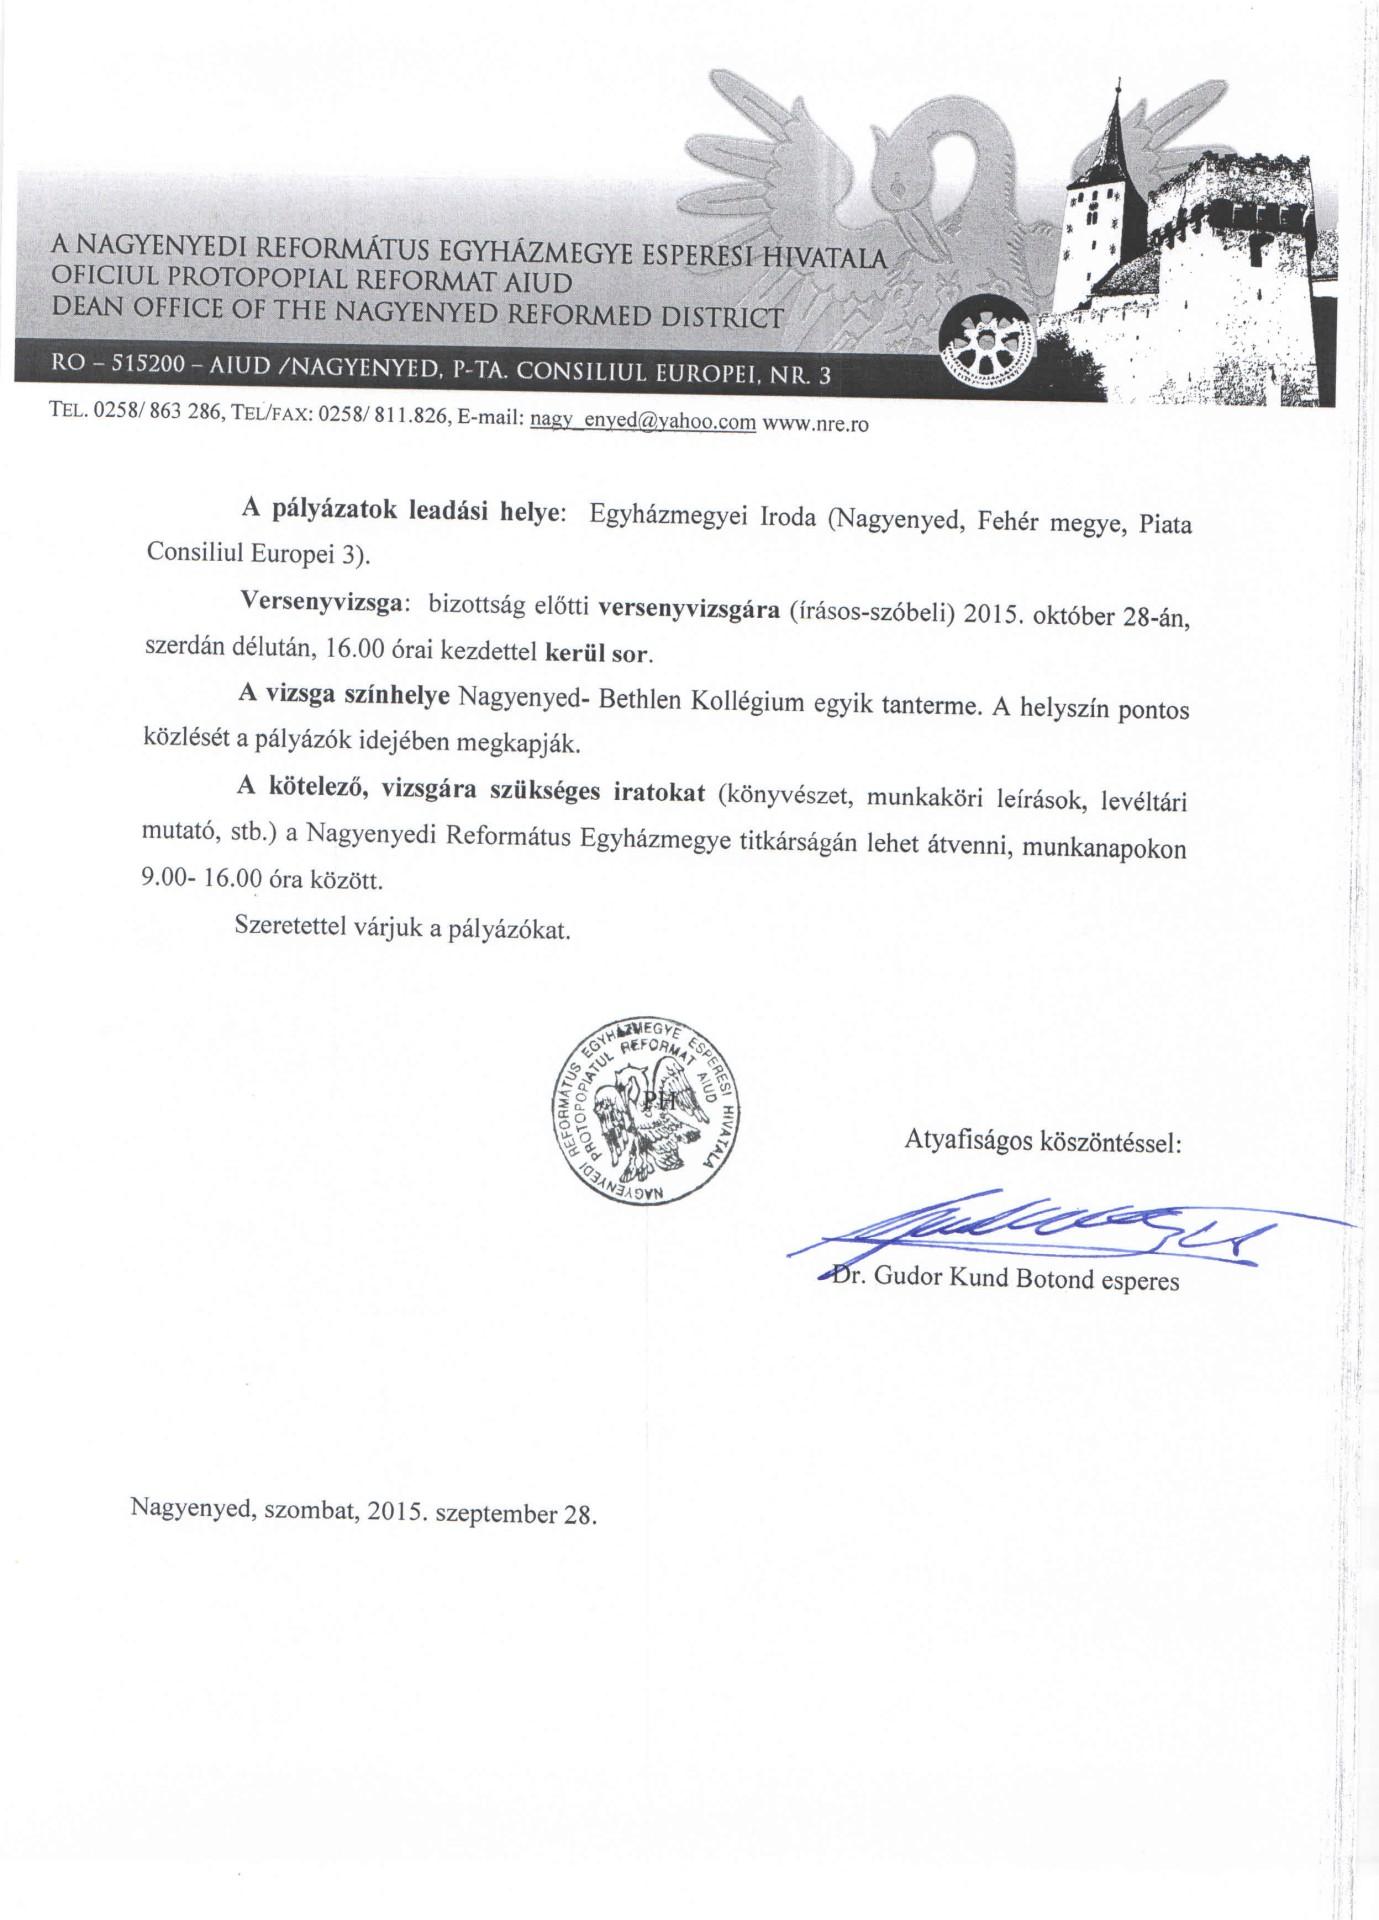 Egyházmegyei titkár és könyvelői állás a Nagyenyedi Református Egyházmegyében